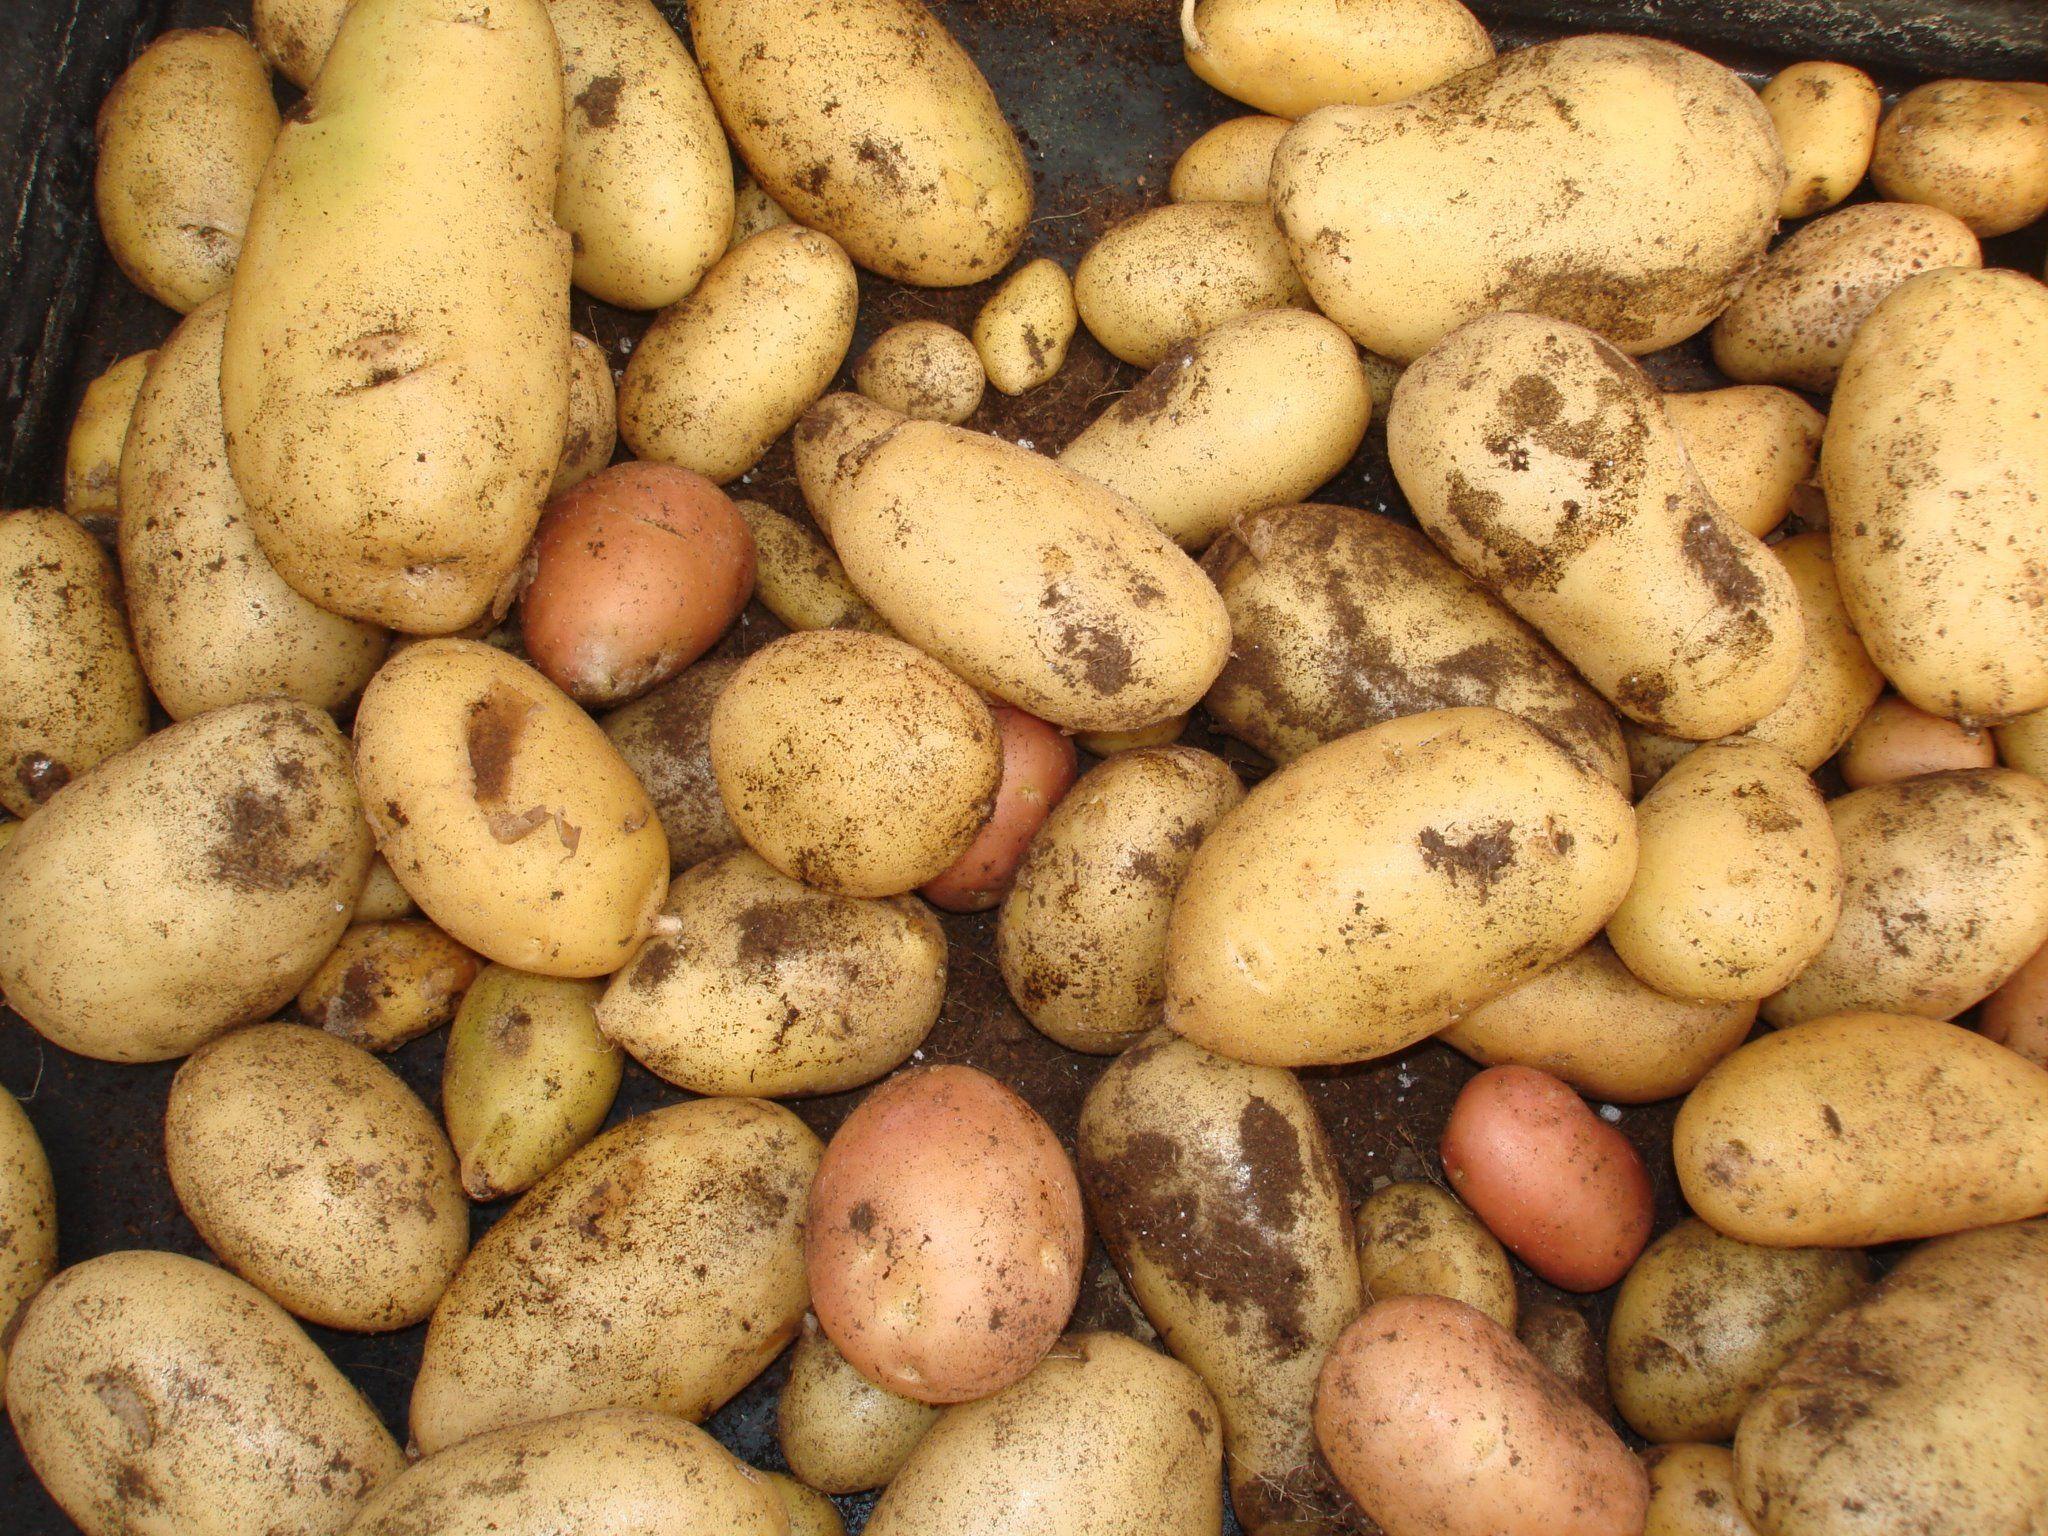 Como Conservar las patatas del huerto más tiempo. Las patatas una vez cosechadas pueden ser almacenadas durante más tiempo en cualquier lugar oscuro y se...